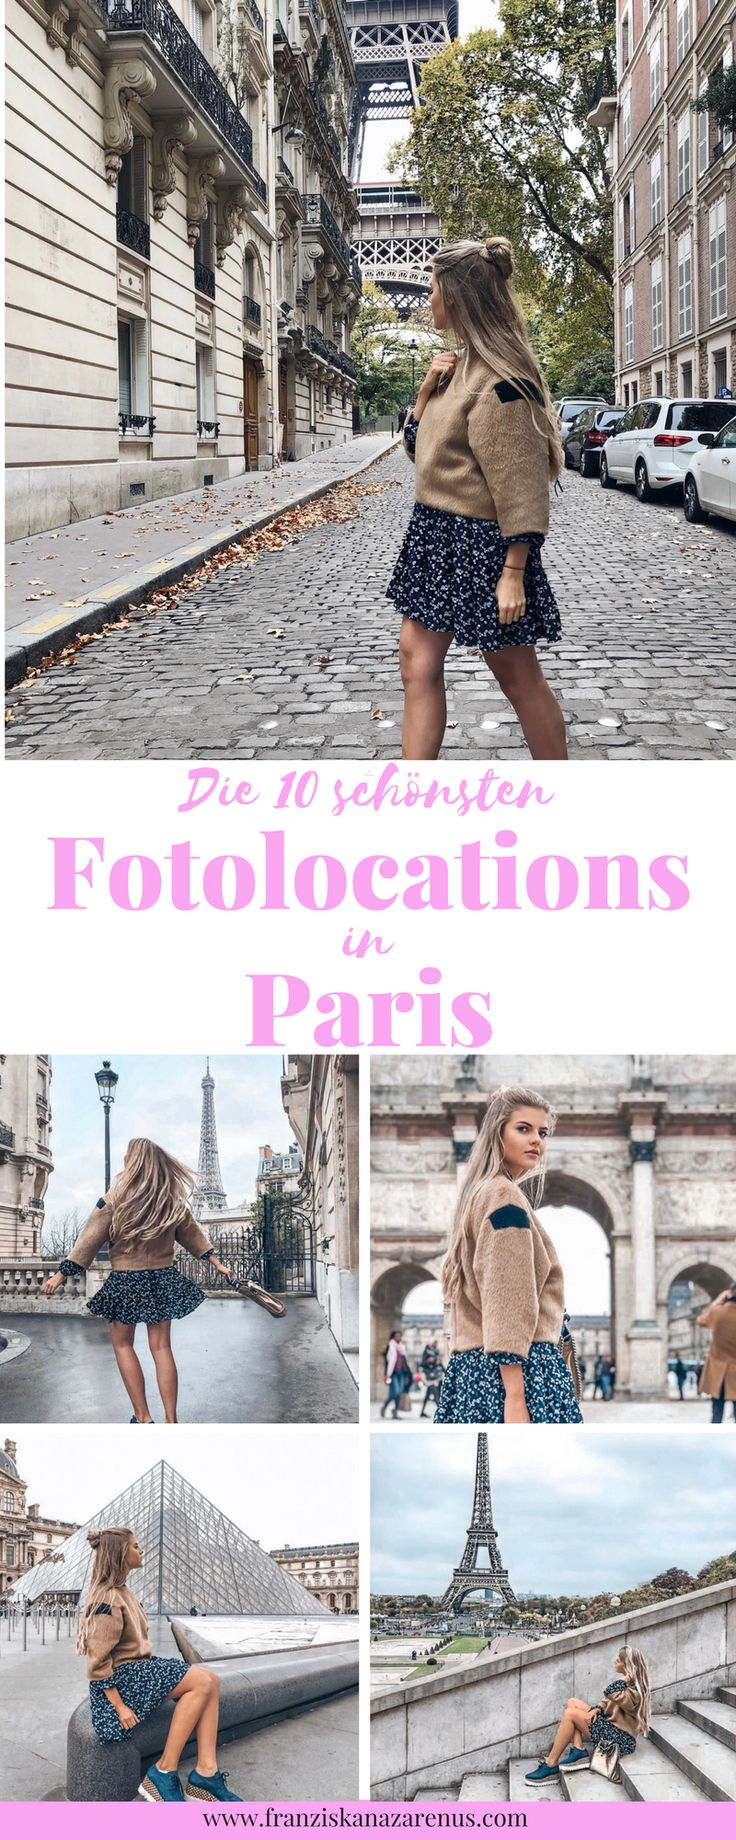 Las 10 ubicaciones de fotos más bonitas de París